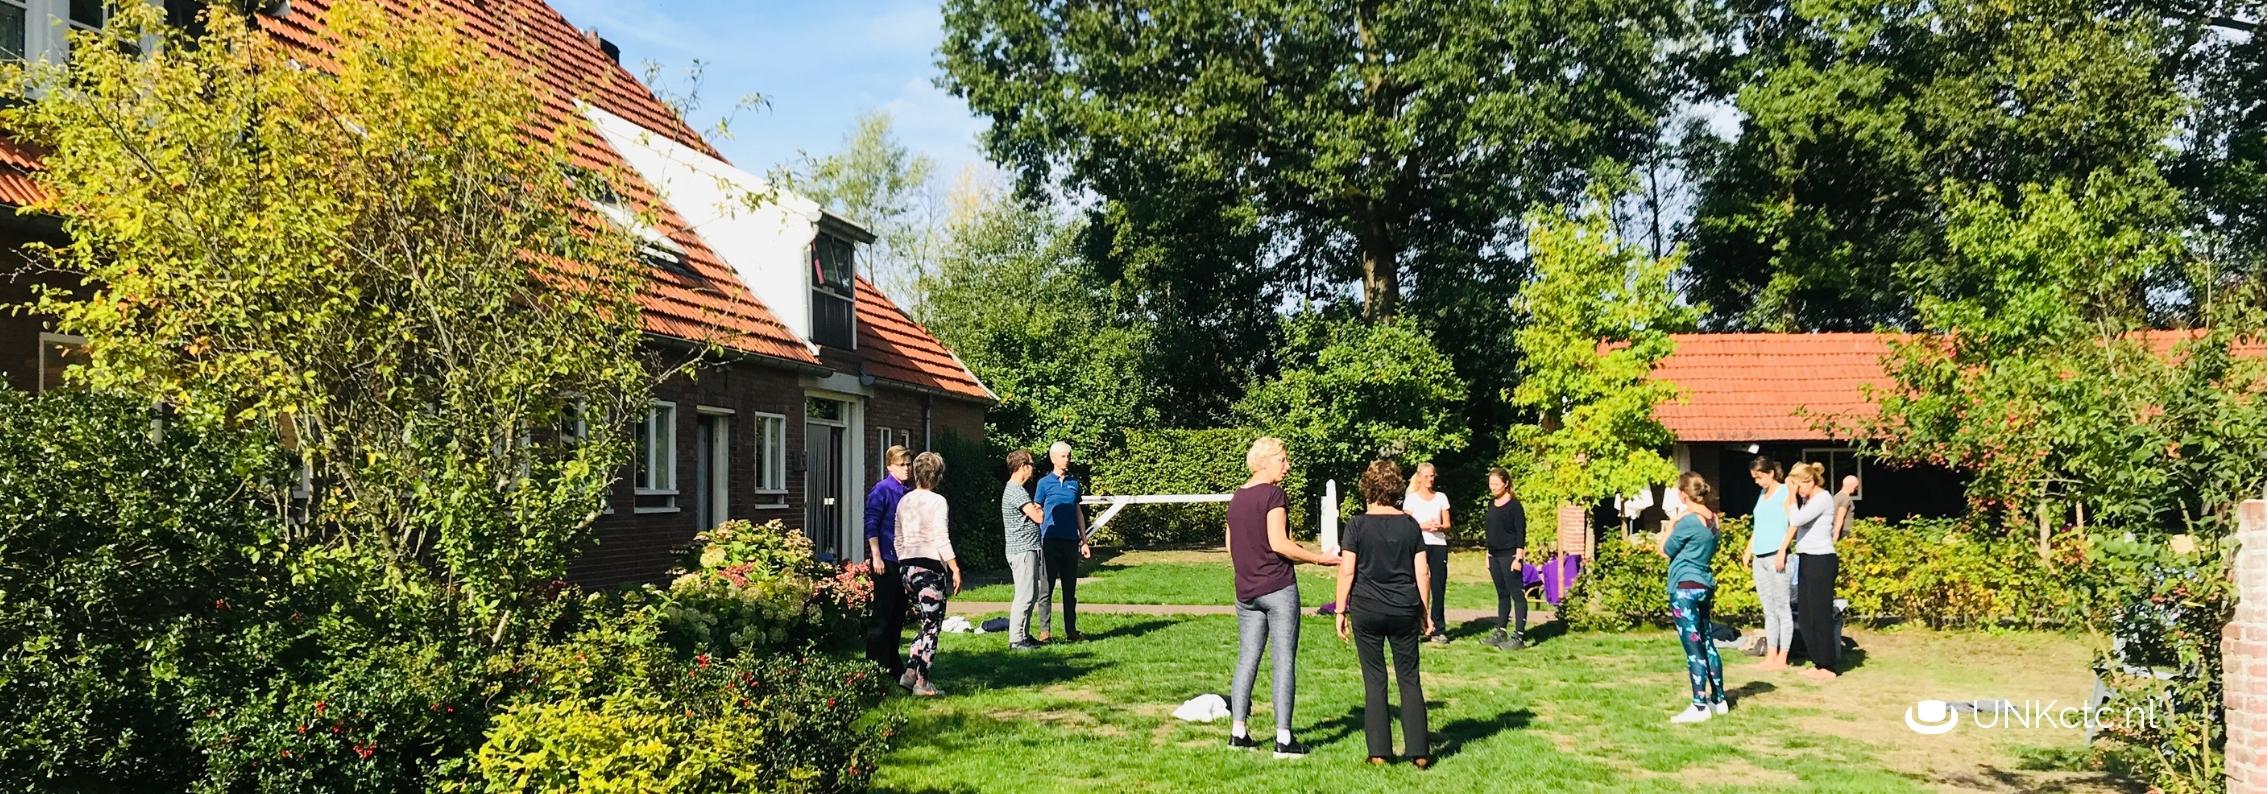 UNKctc.nl MIndful Yoga Weekend (8)